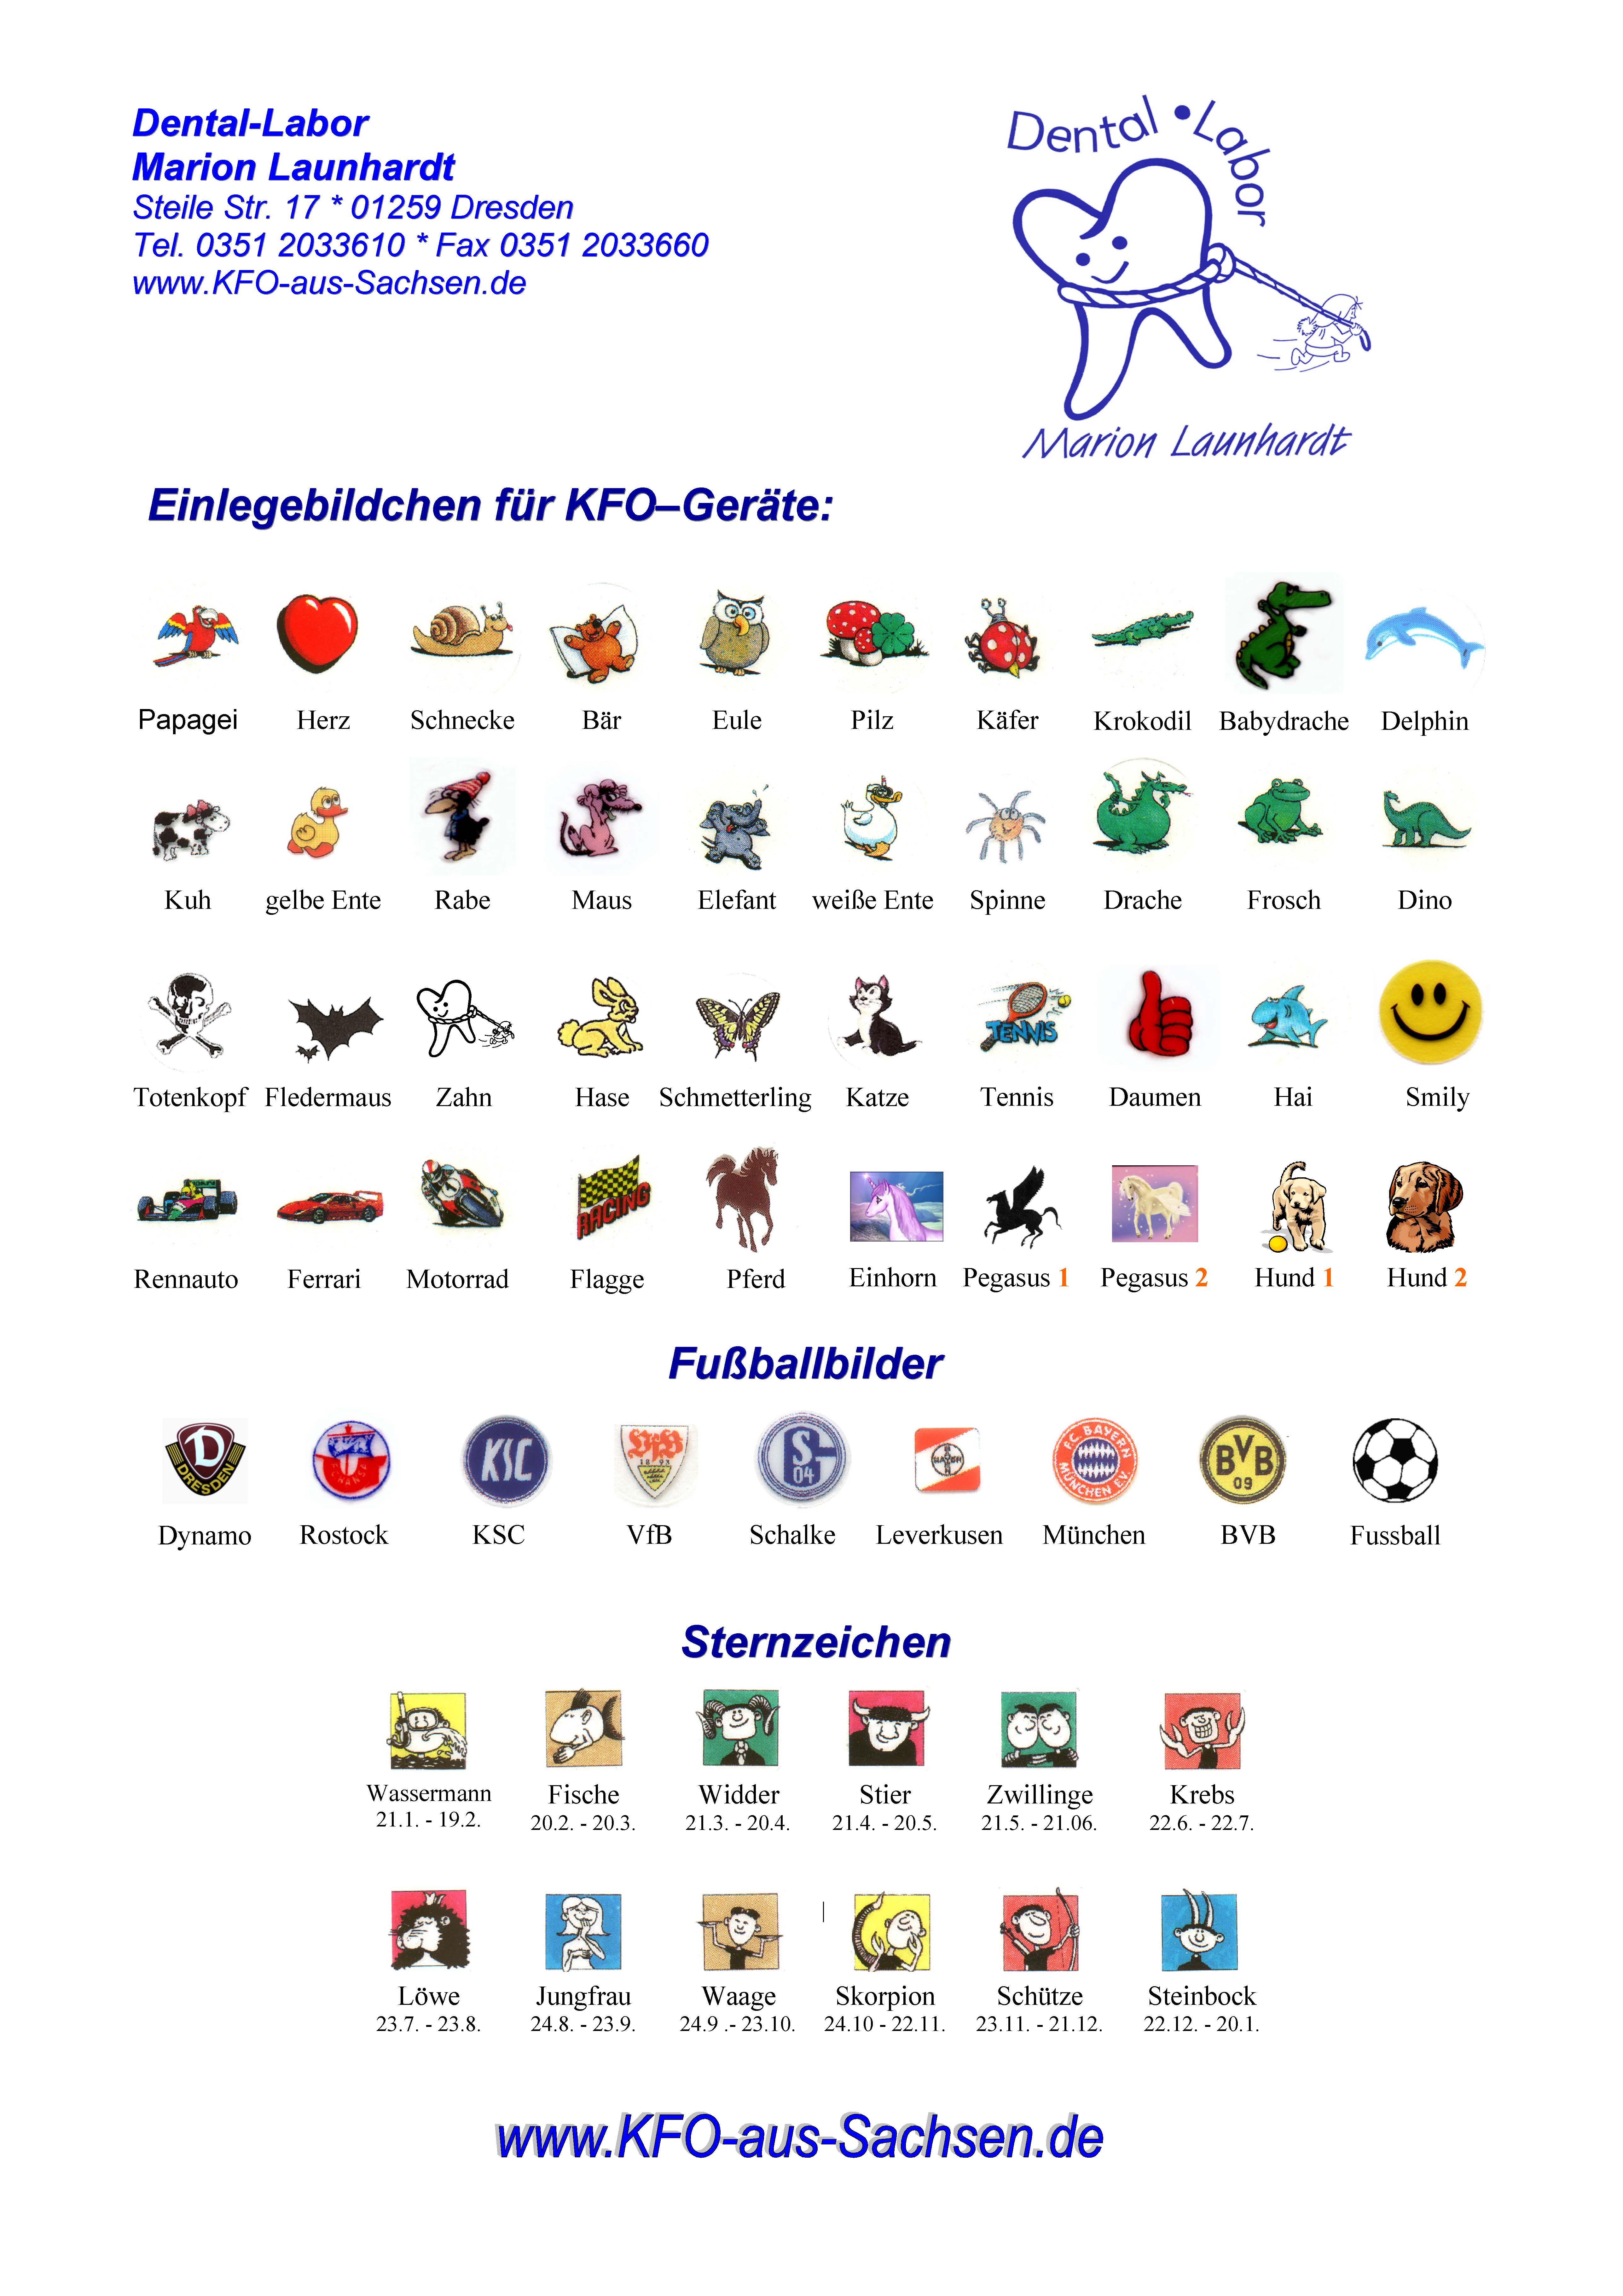 Einlegebildchen für Zahnspangen, Einlegemotive, Spangenbilder, Einlegebild, KFO Bild, Fußballbild, Fussballbild